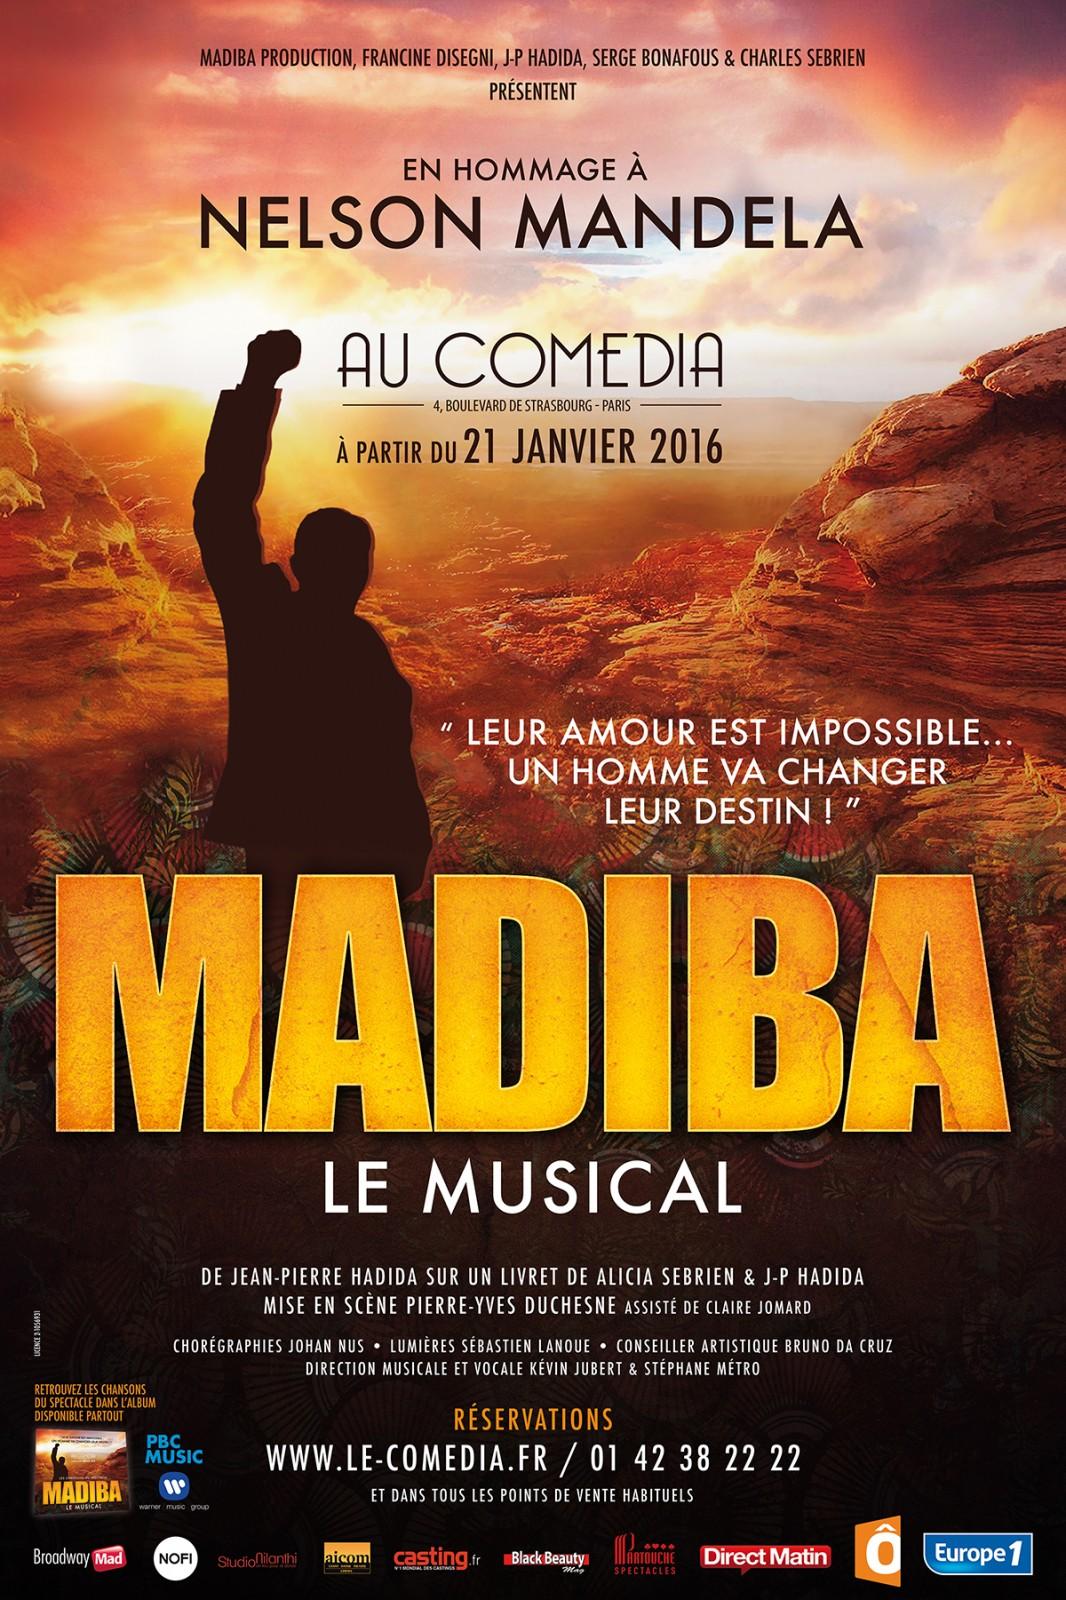 Affiche Madiba le musical en hommage à Nelson Mandela au Comédia Paris de jean-pierre Hadida Alicia Sebrien mise en scène Pierre-Yves Duchesne